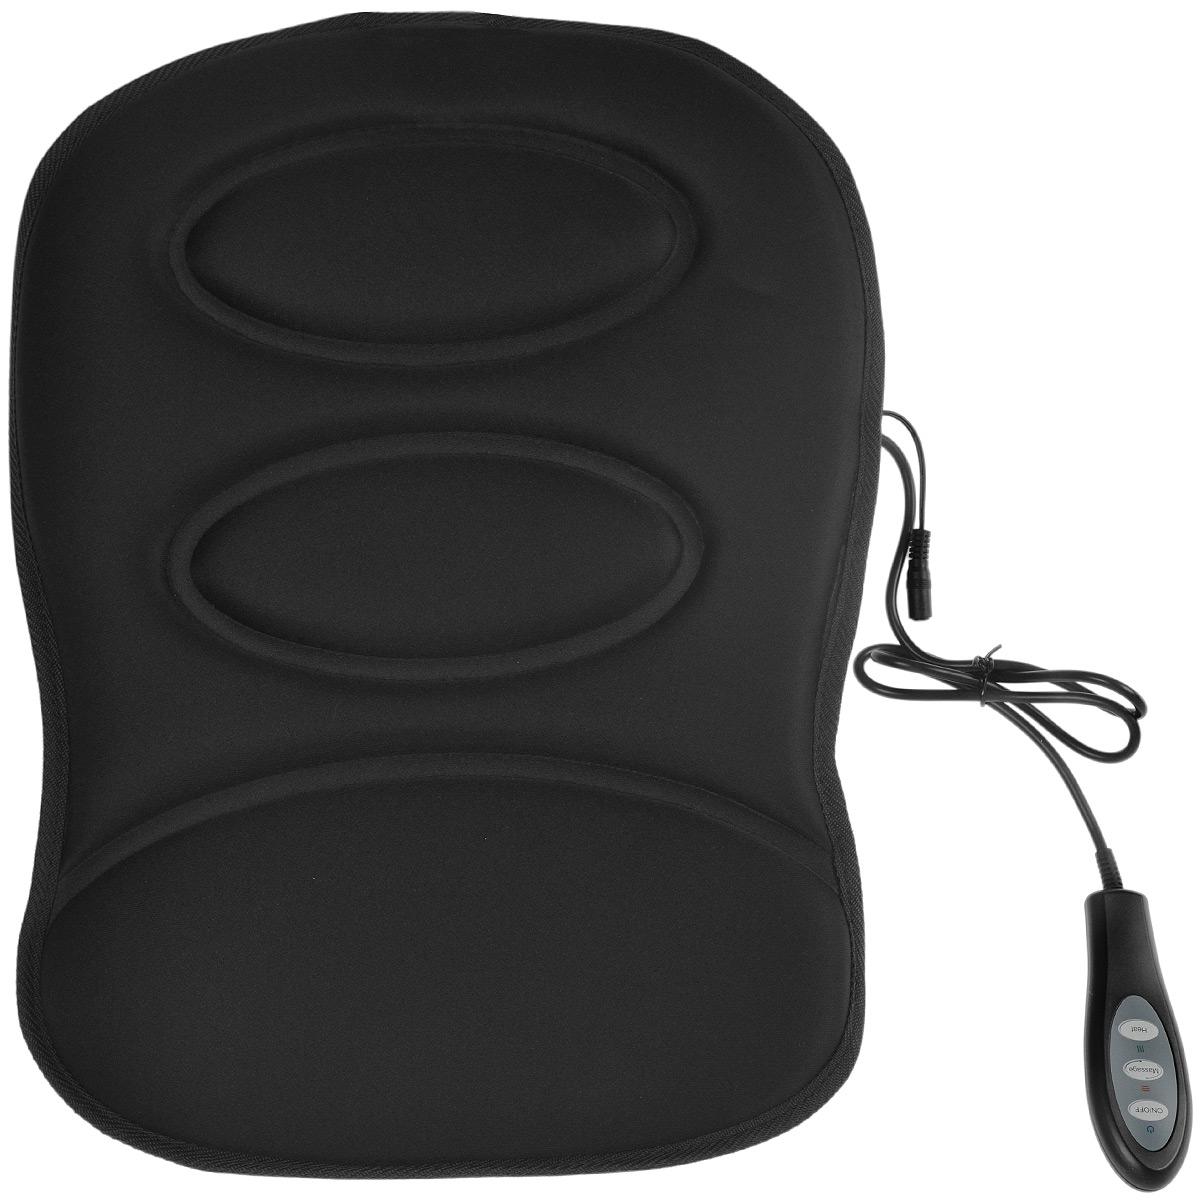 Массажная подушка для спины Ommassage BM-1010